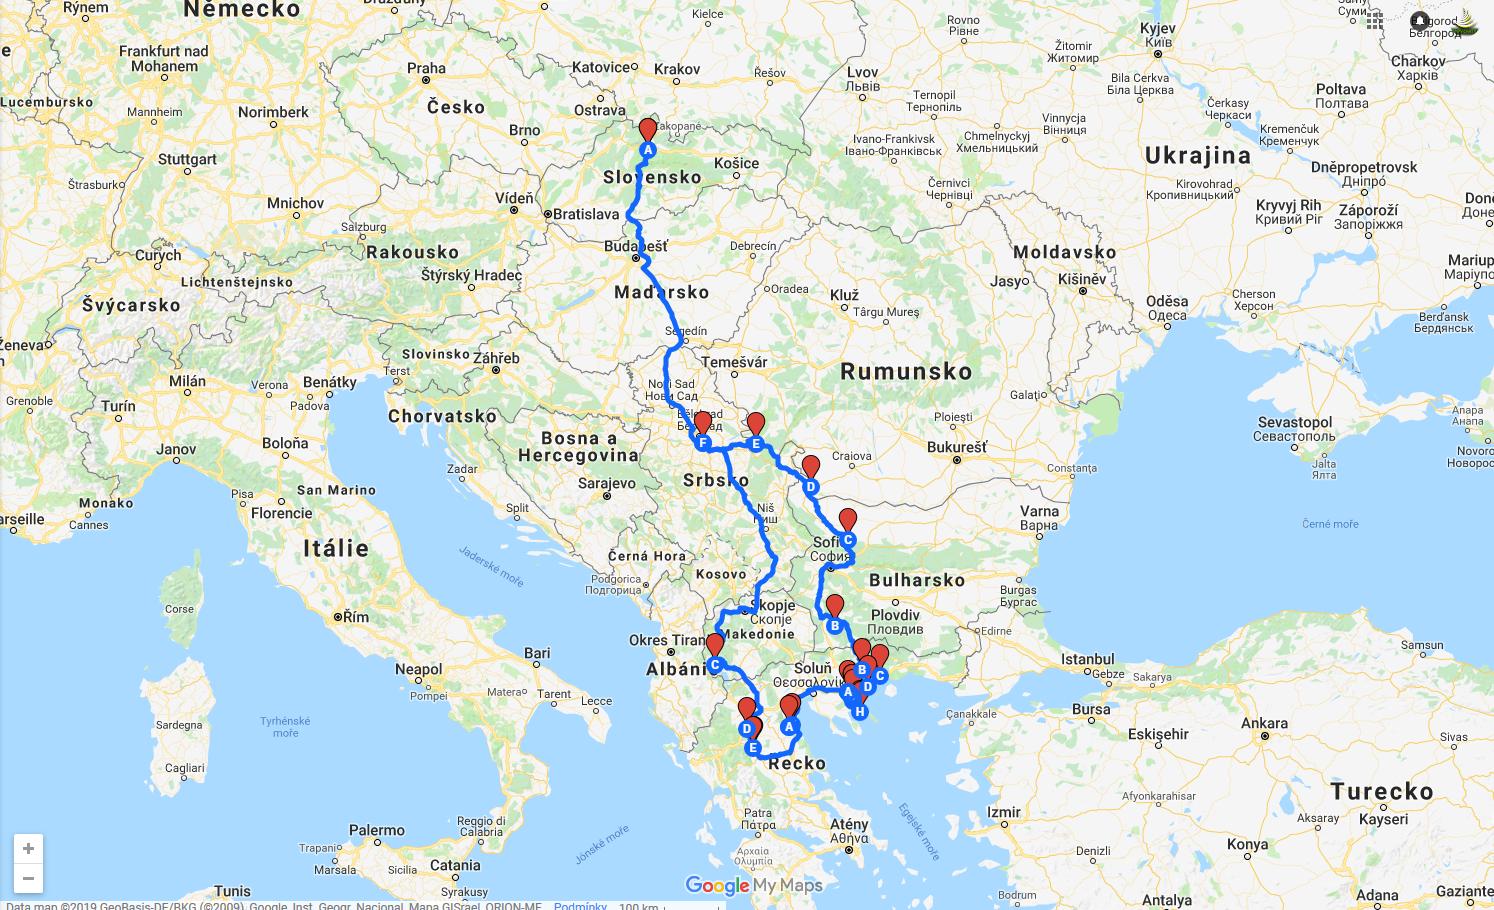 https://www.kempy-chaty.cz/sites/default/files/turistika/mapa_slovensko_recko.png